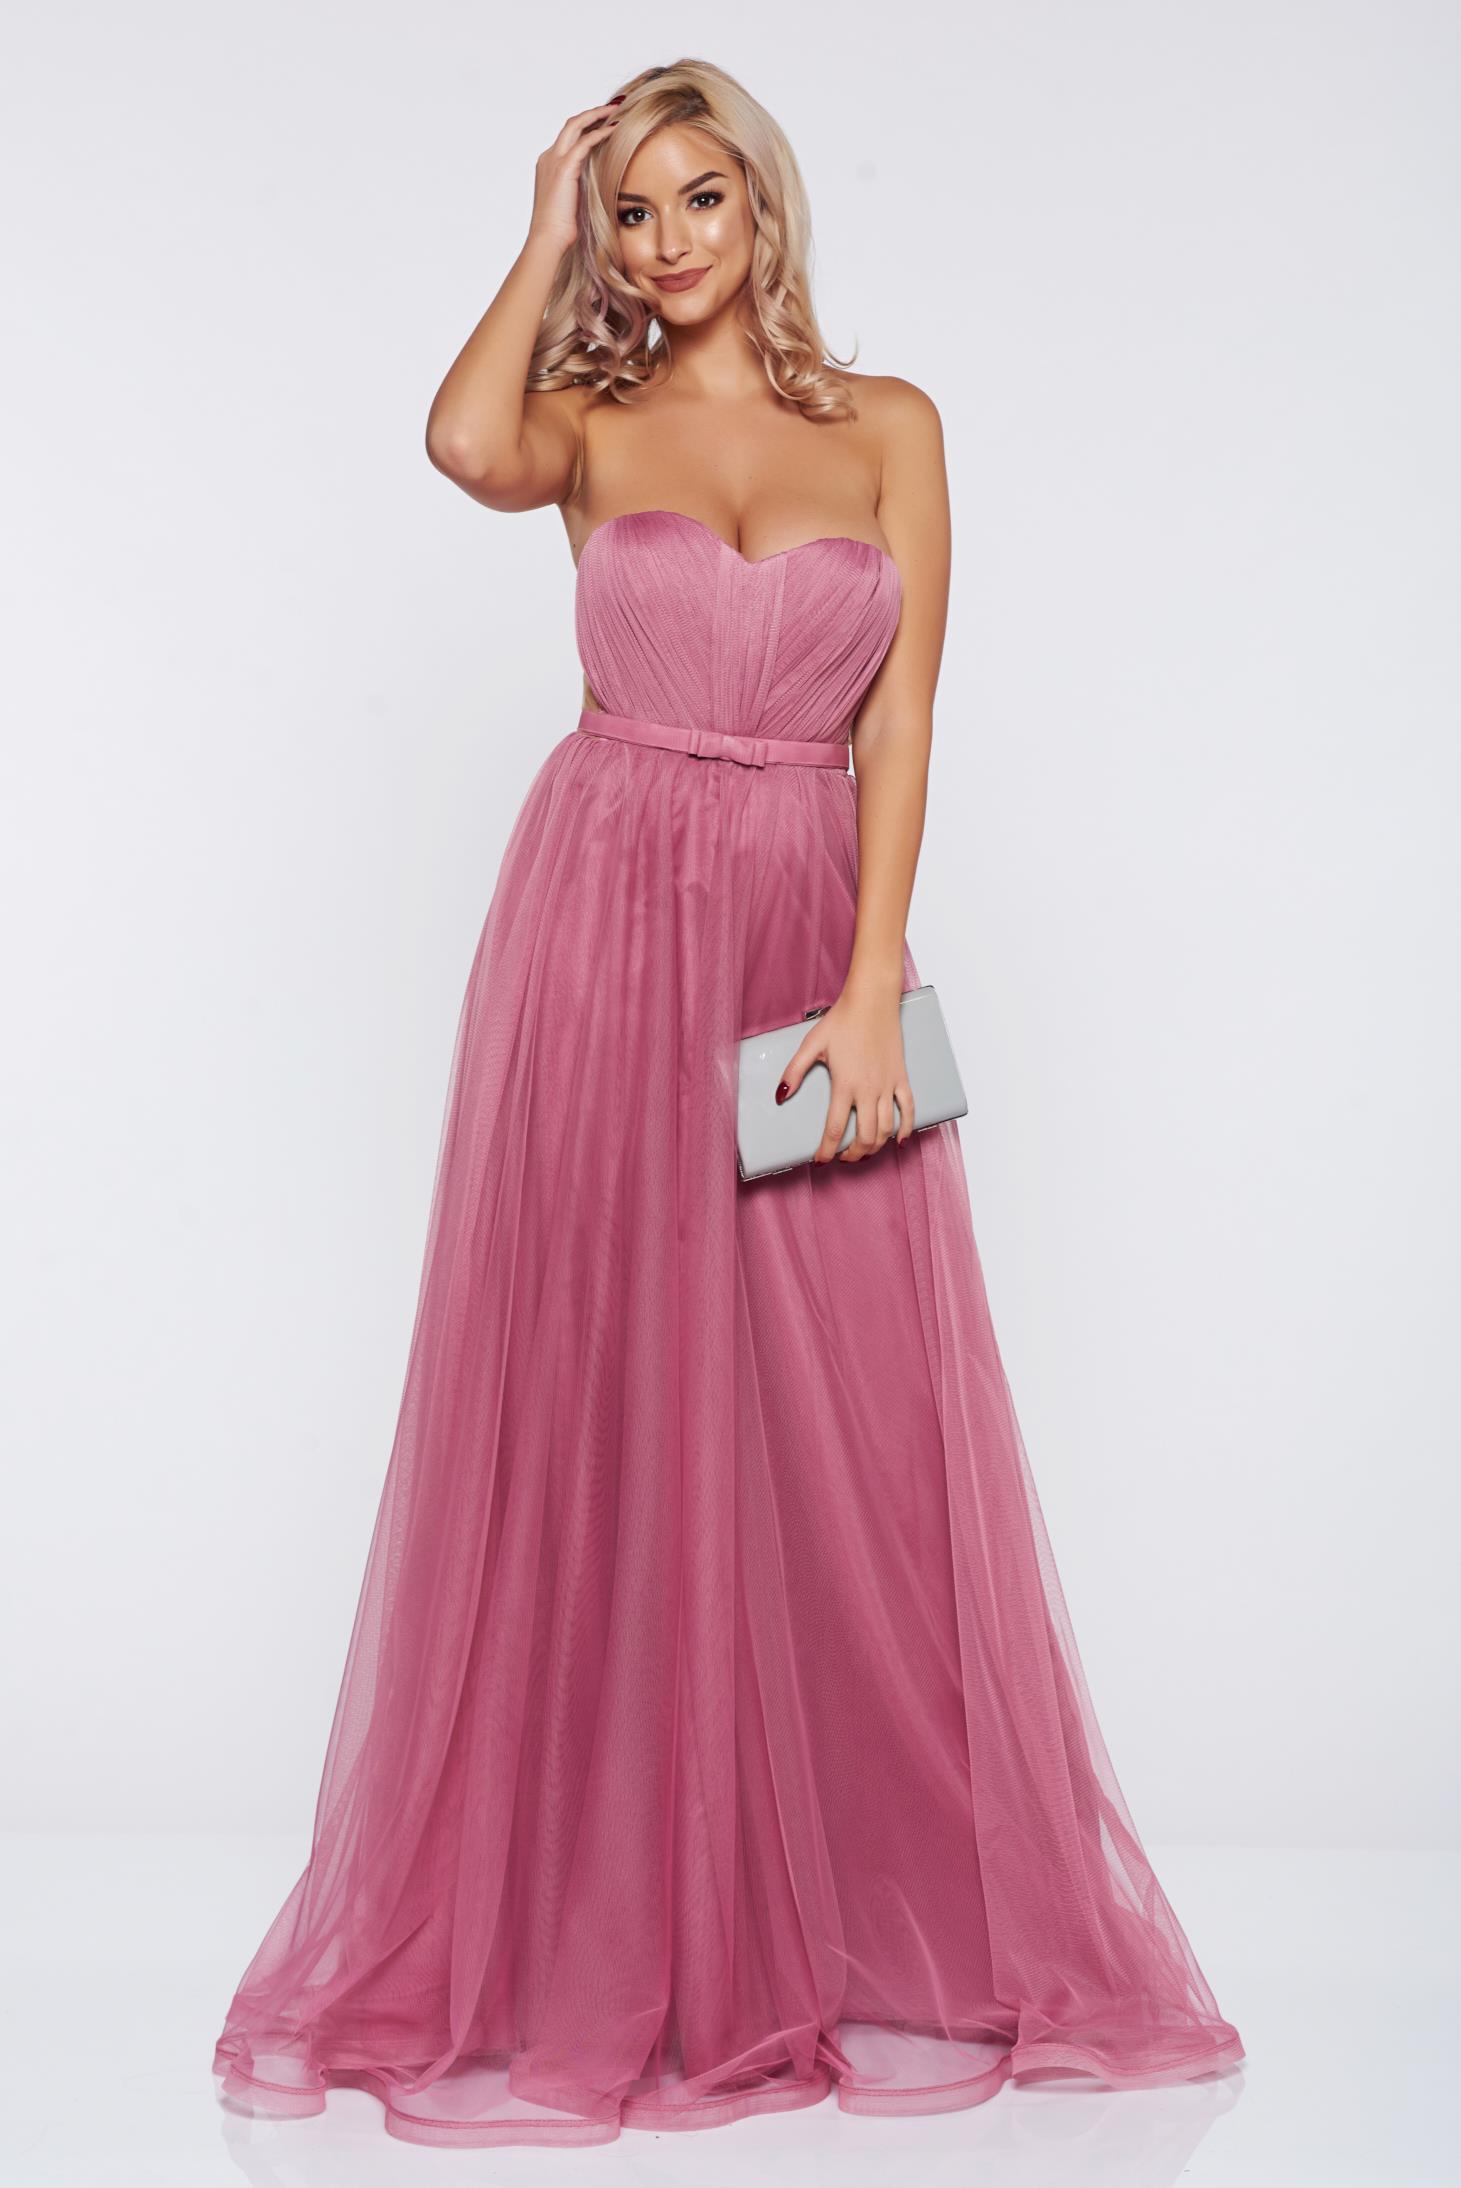 e45795799b Világos rózsaszín Ana Radu alkalmi ruha tűll szivacsos mellrész